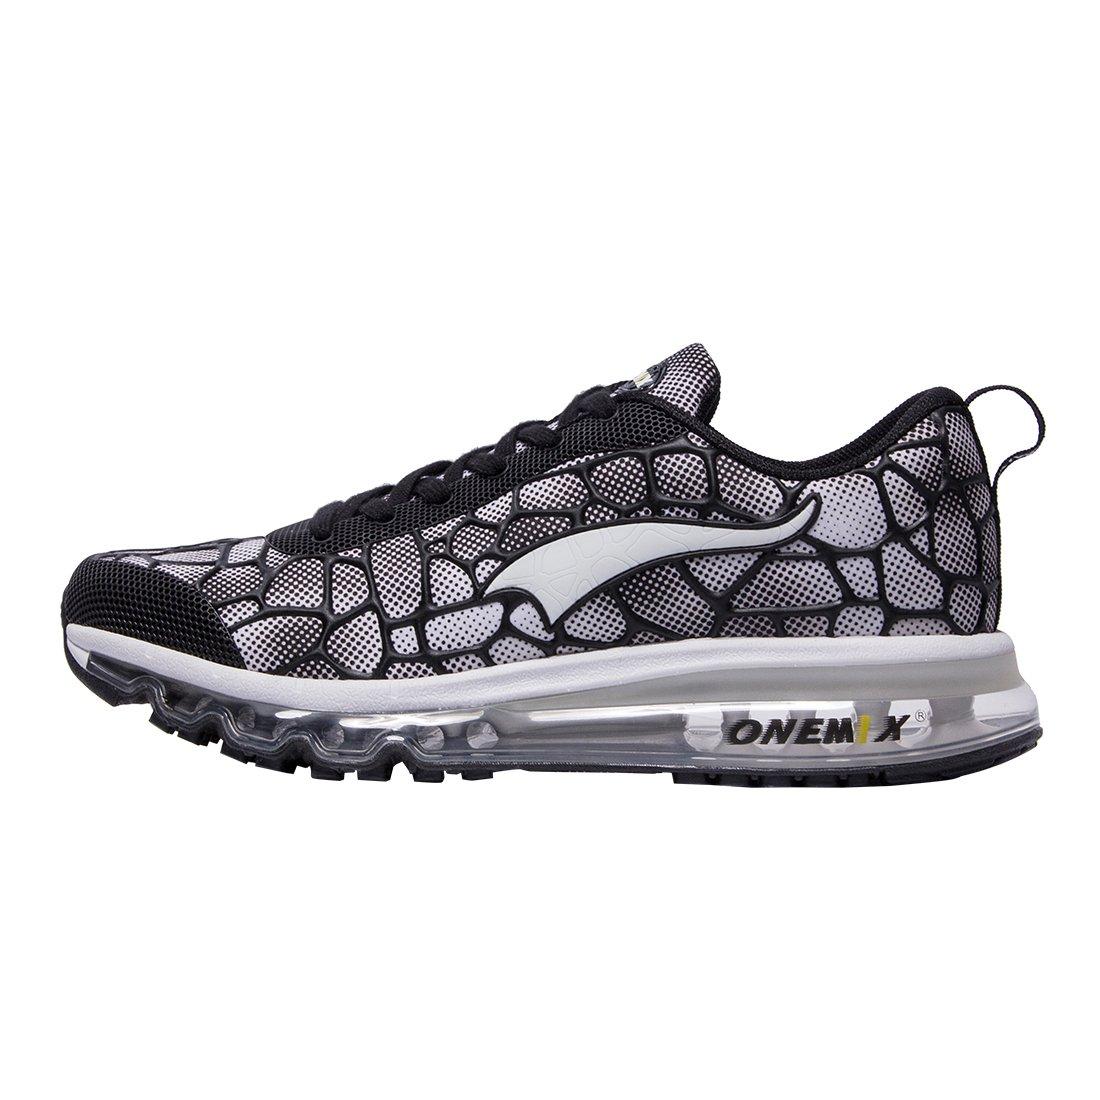 ONEMIX Hommes et Femmes Air Coussin Max Chaussures de de Chaussures Course Baskets pour Marche Sport Athlétique Fitness Sneaker Running 44 EU|Noir / Blanc 774ed4